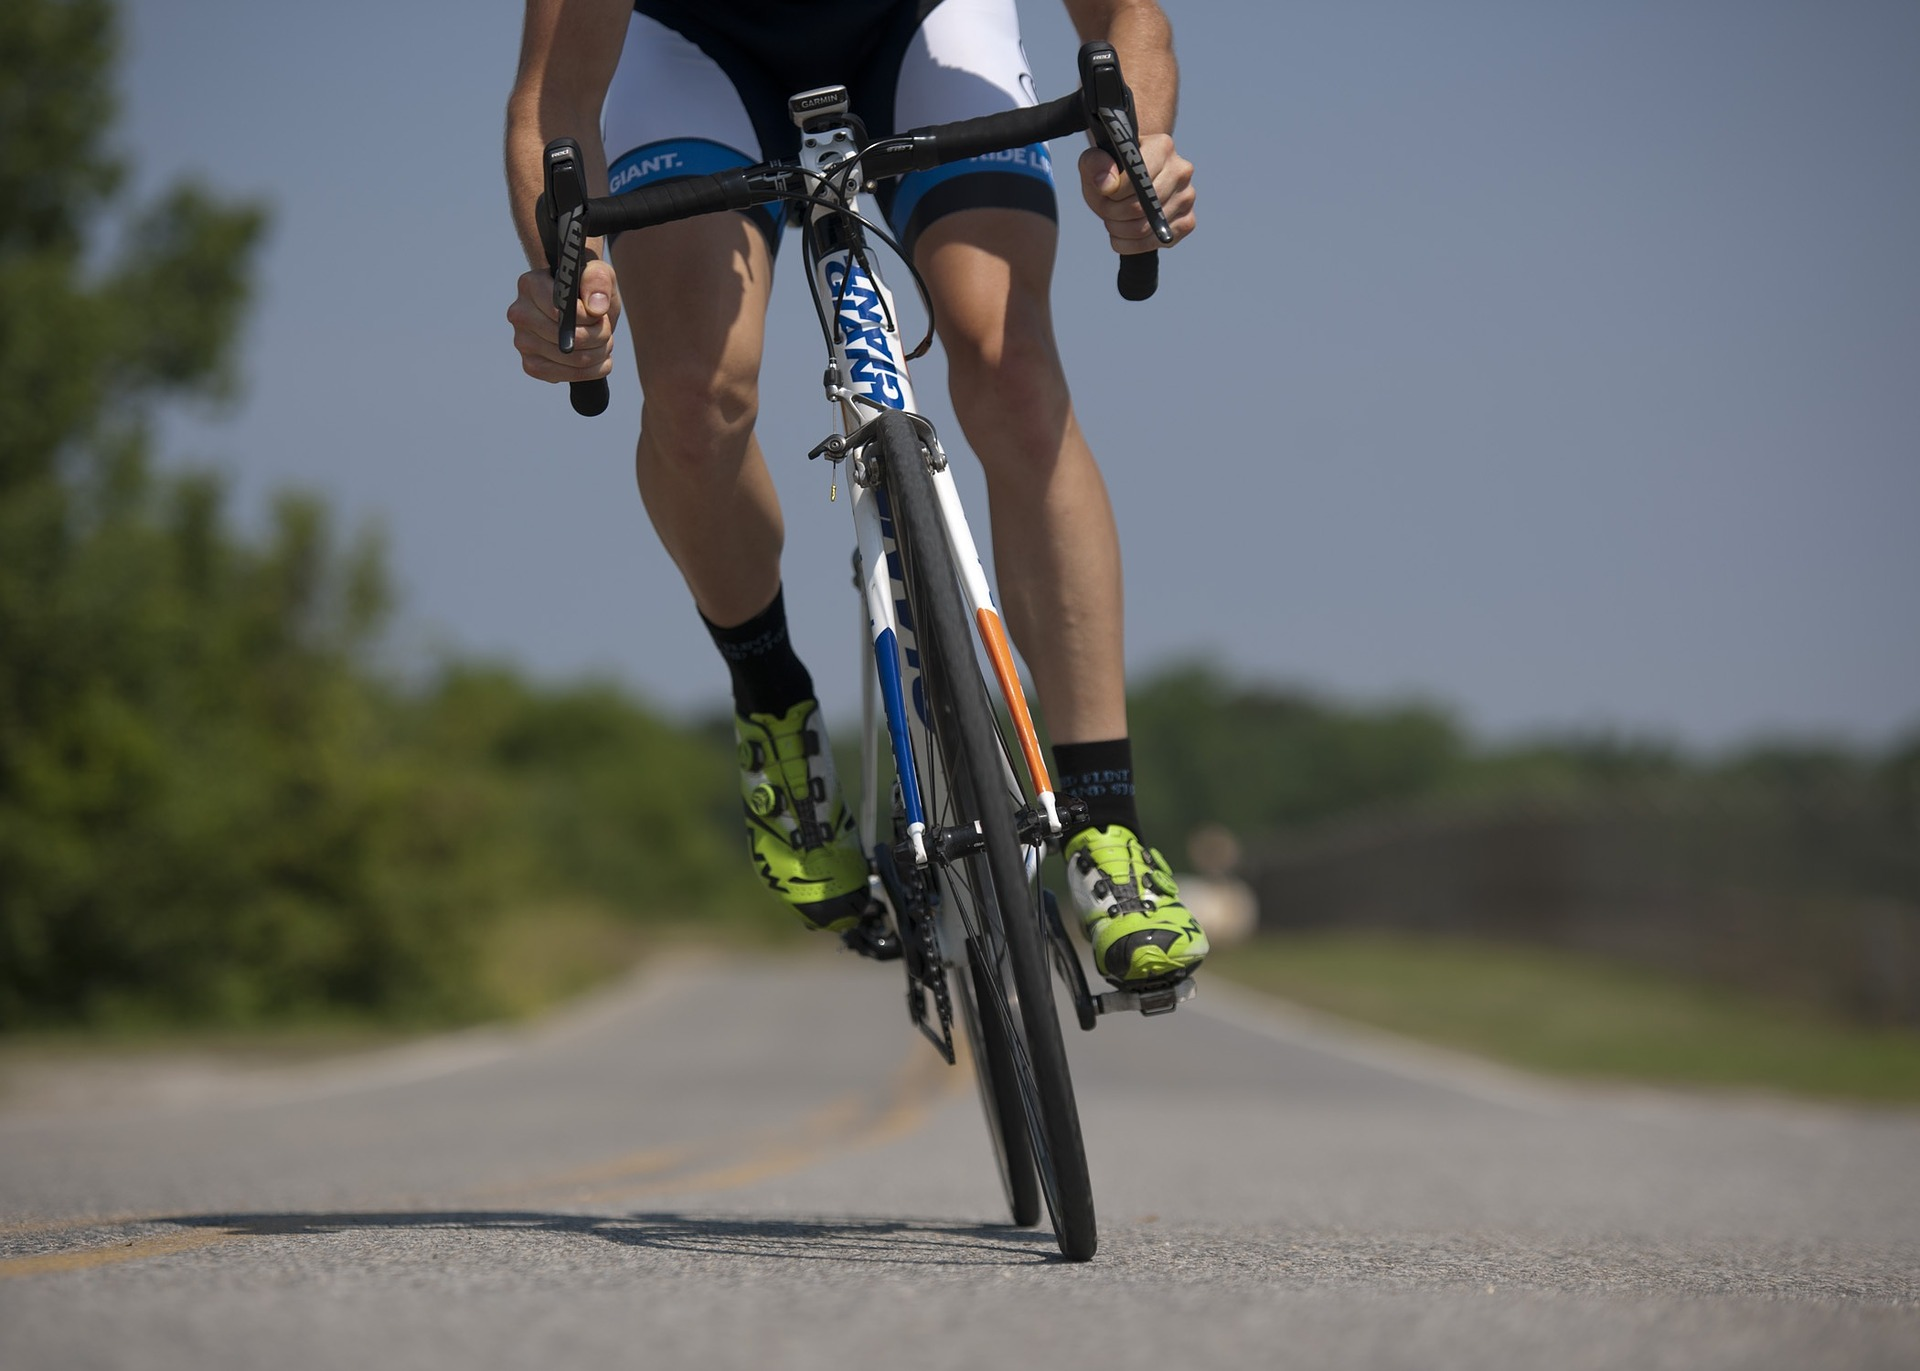 Fahrradfahrer macht Sport und fährt auf der Straße. Er misst seinen Puls während des Trainings.